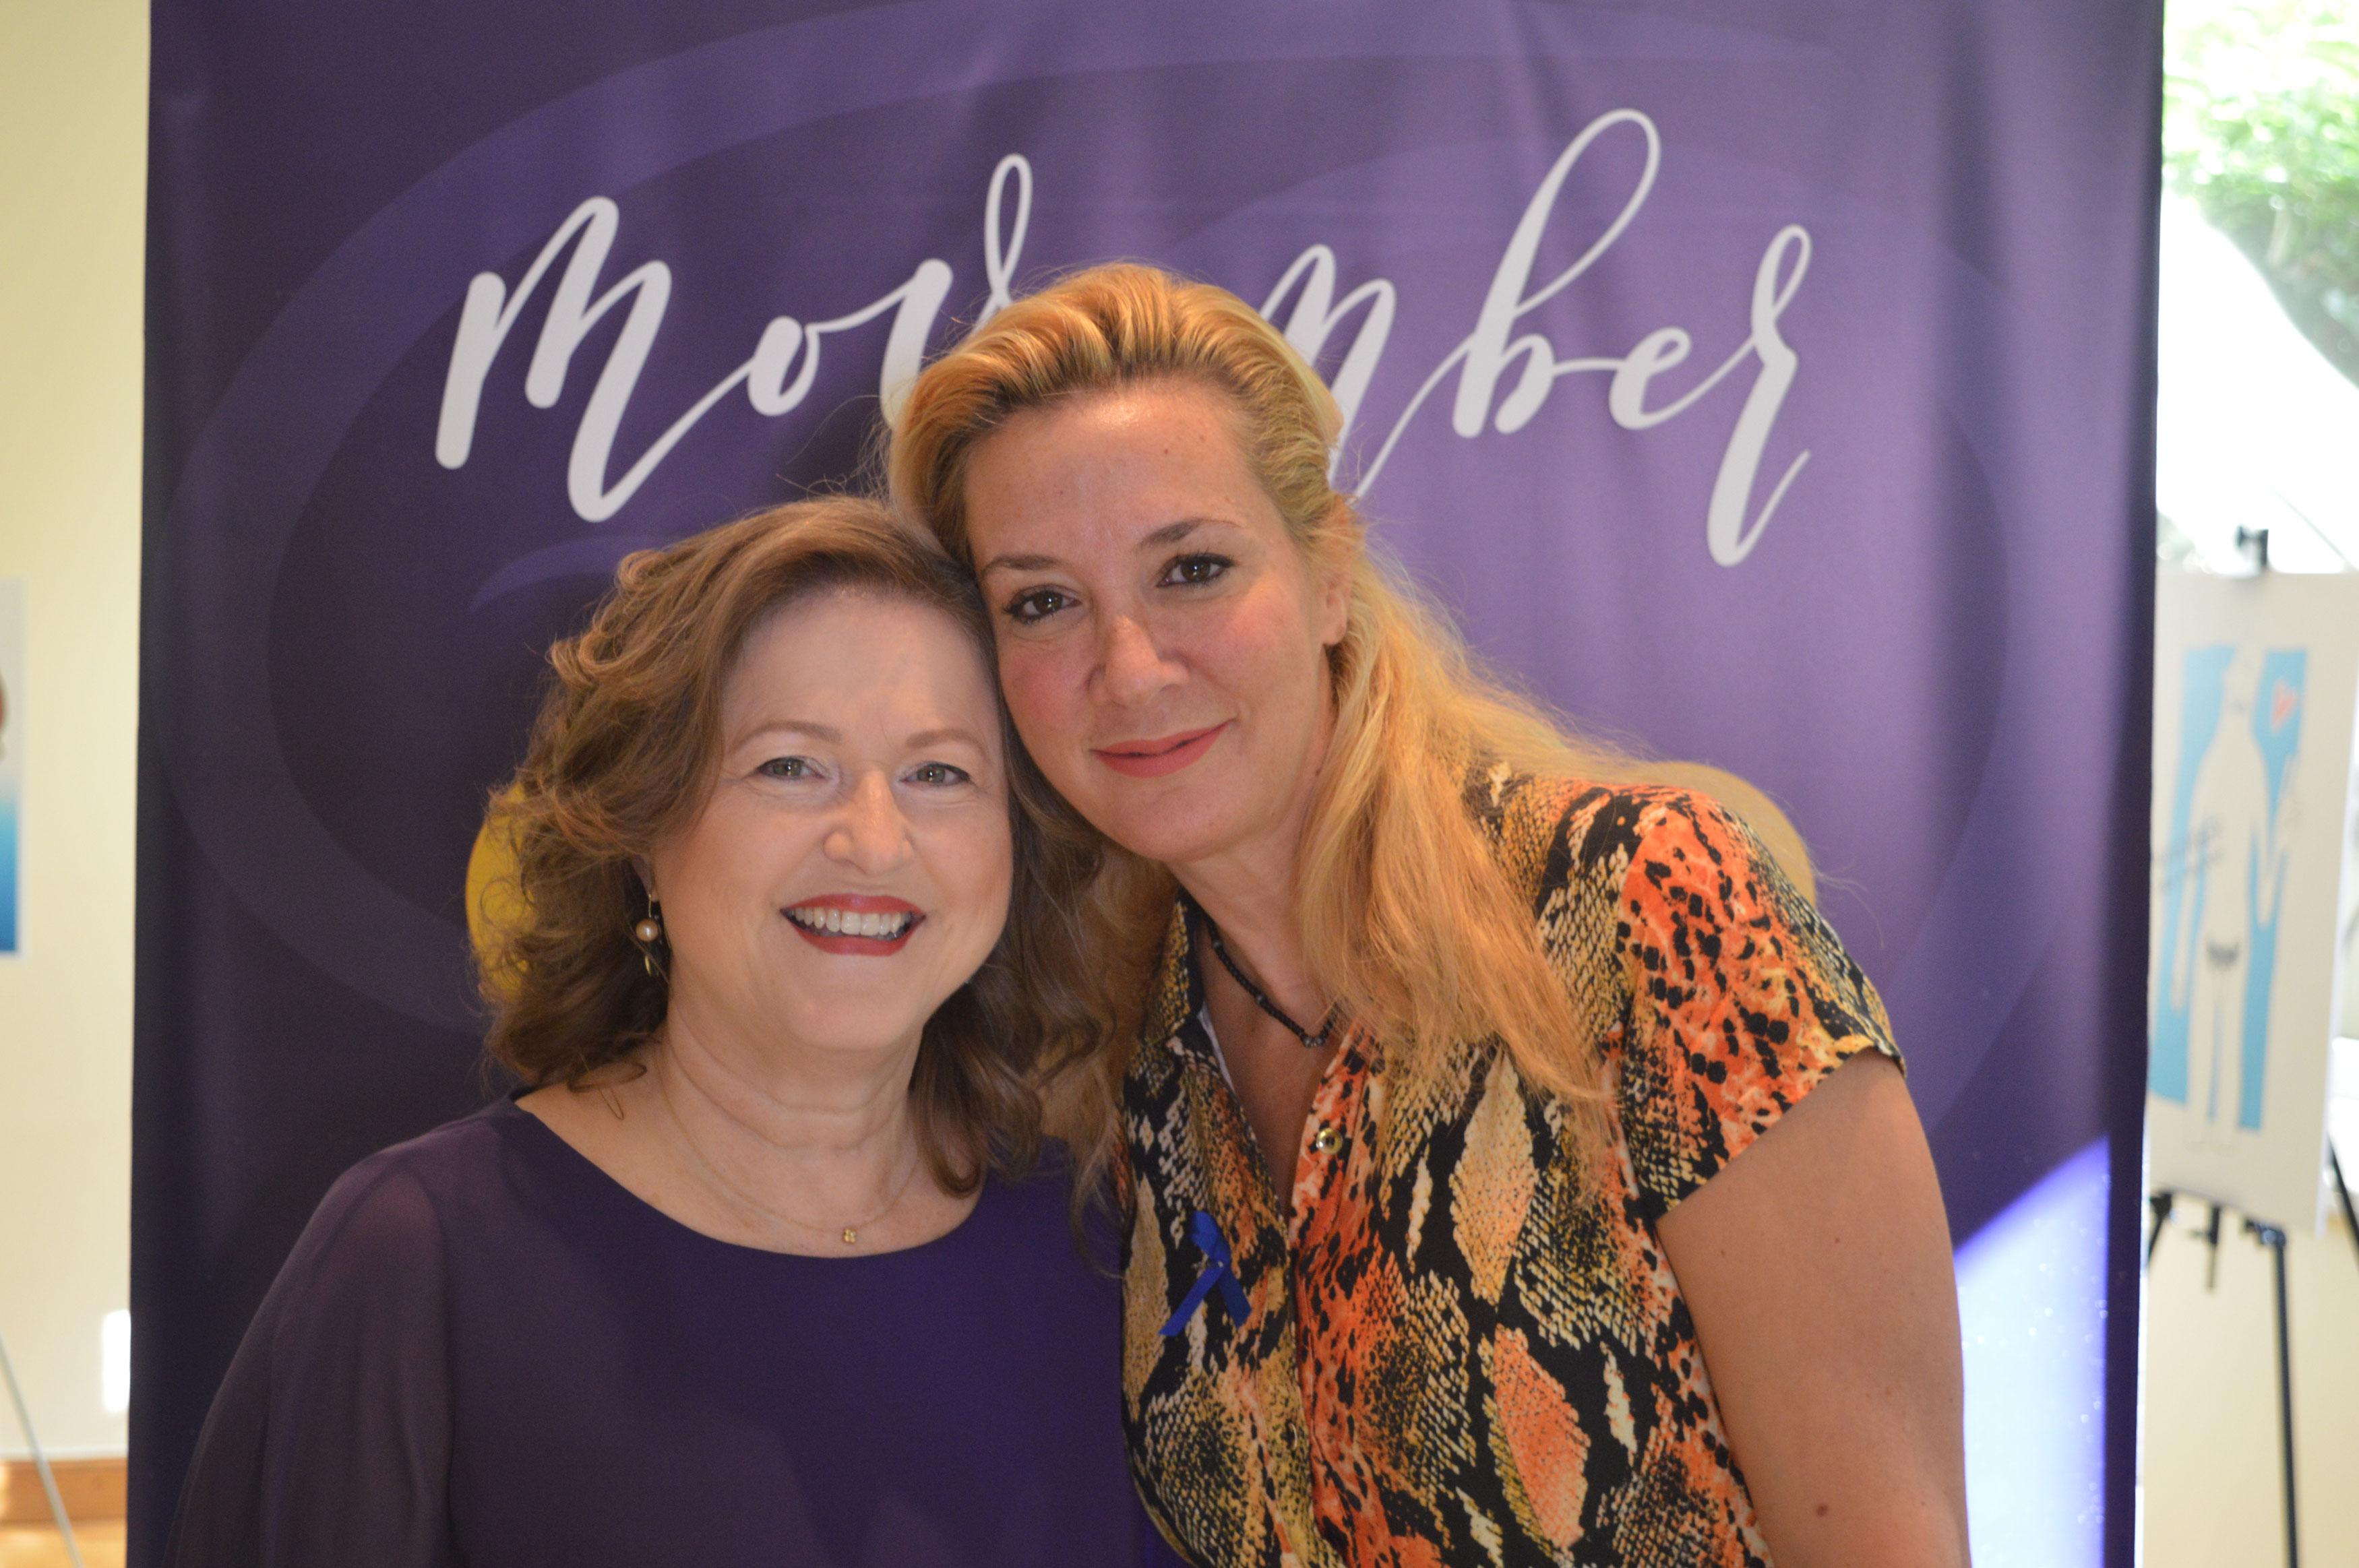 Η Πρόεδρος της ΑΚΟΣ Δρ. Δέσποινα Κατσώχη και η δημοσιογράφος Μαρία Νικόλτσιου.